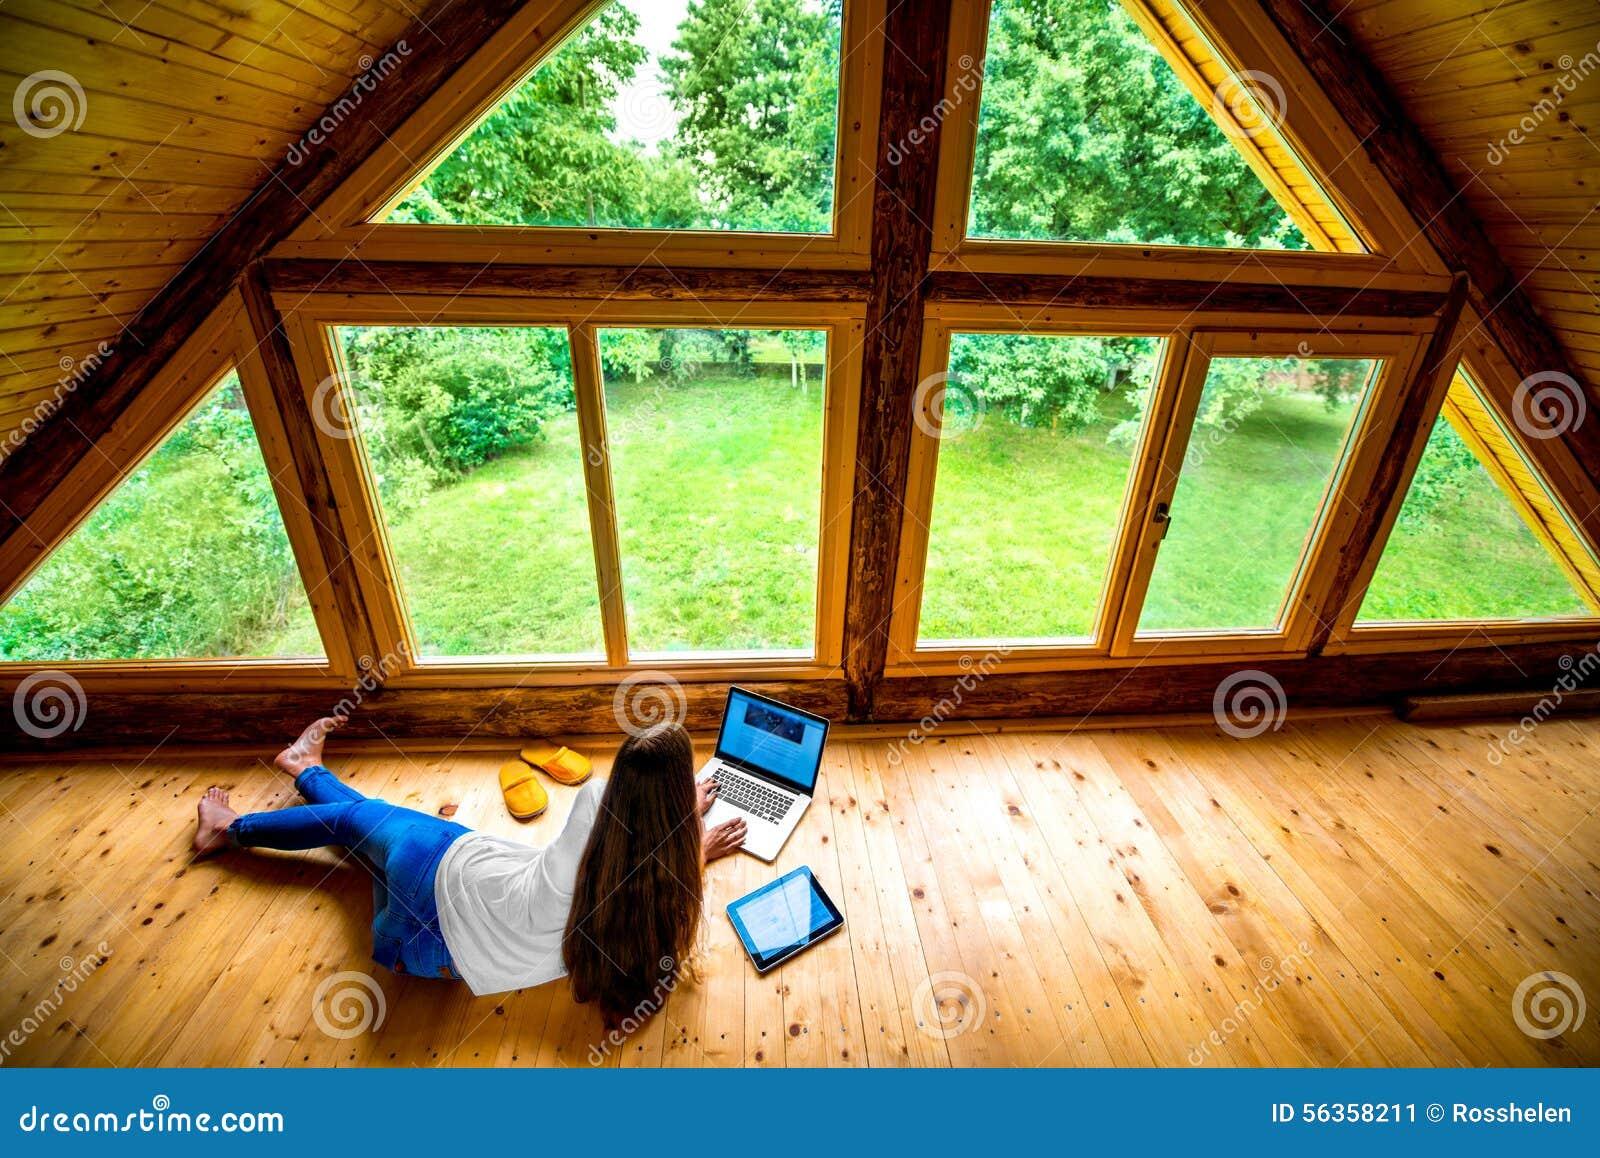 Fußboden Im Holzhaus ~ Renovierung der gartenlaube teil fußboden mit verlegeplatten